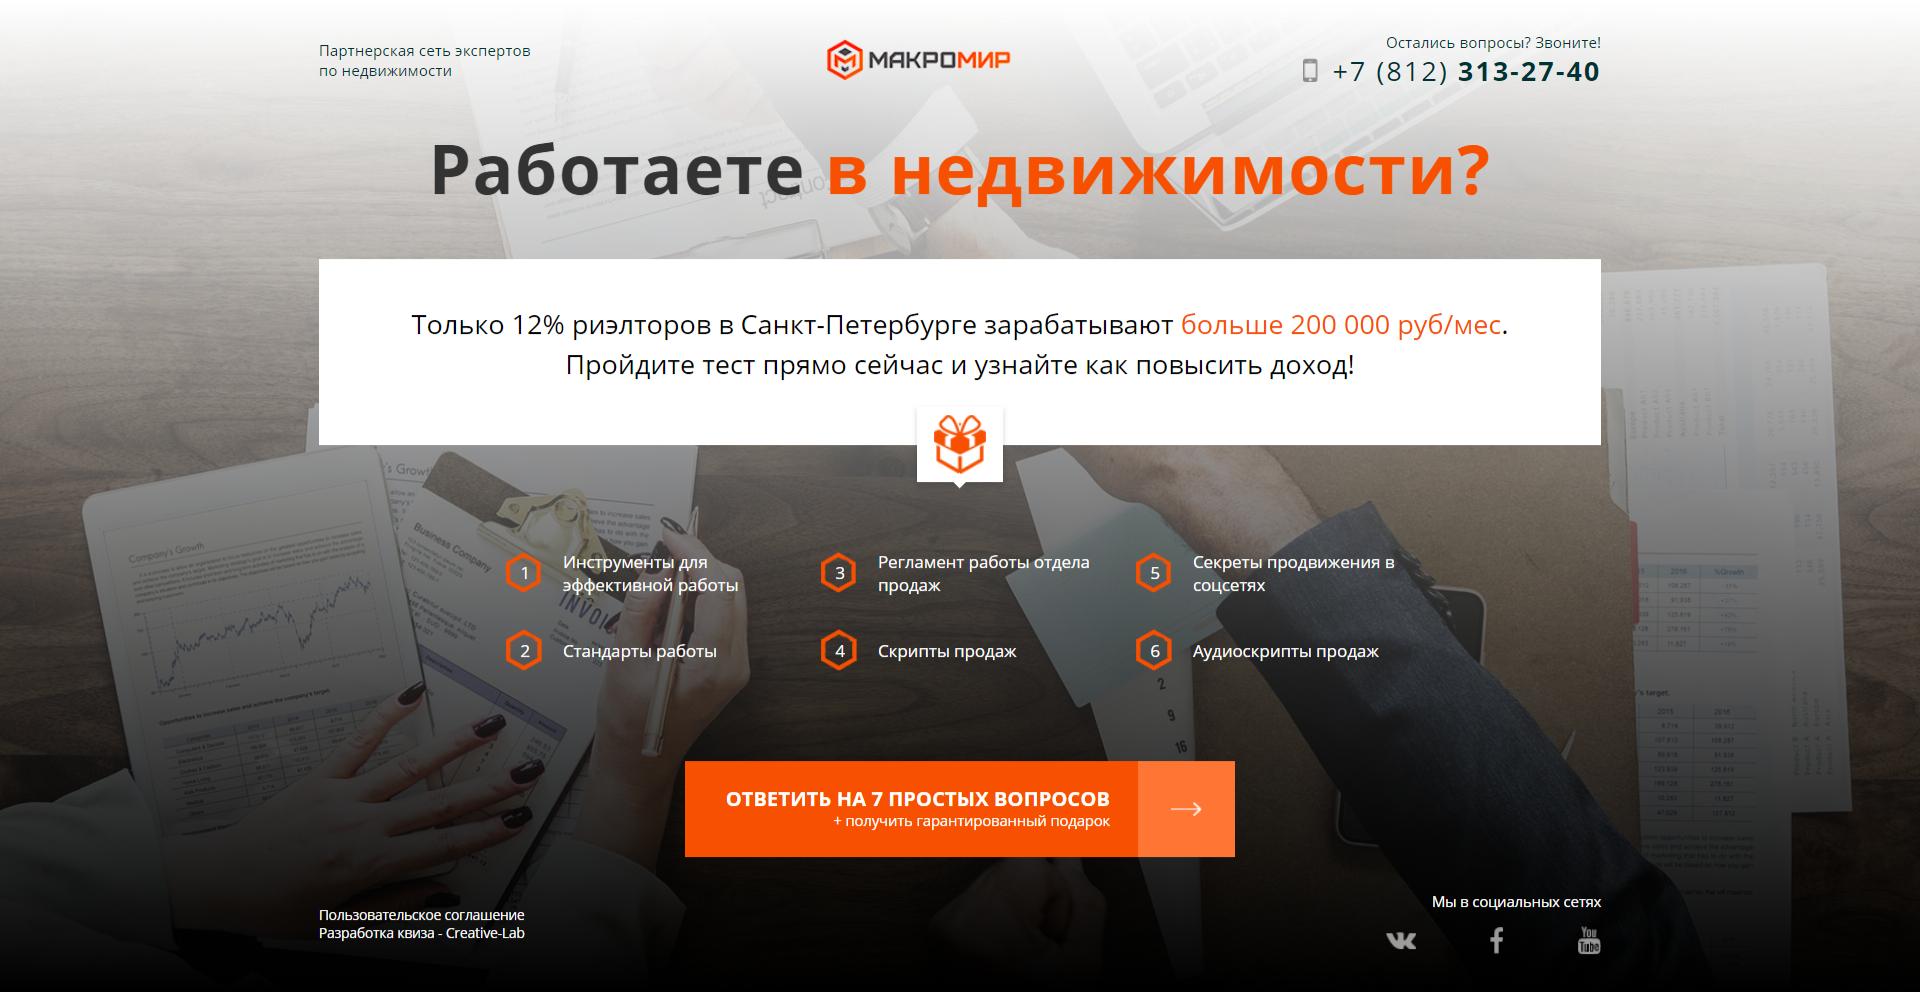 Квиз-сайт для компании Макромир